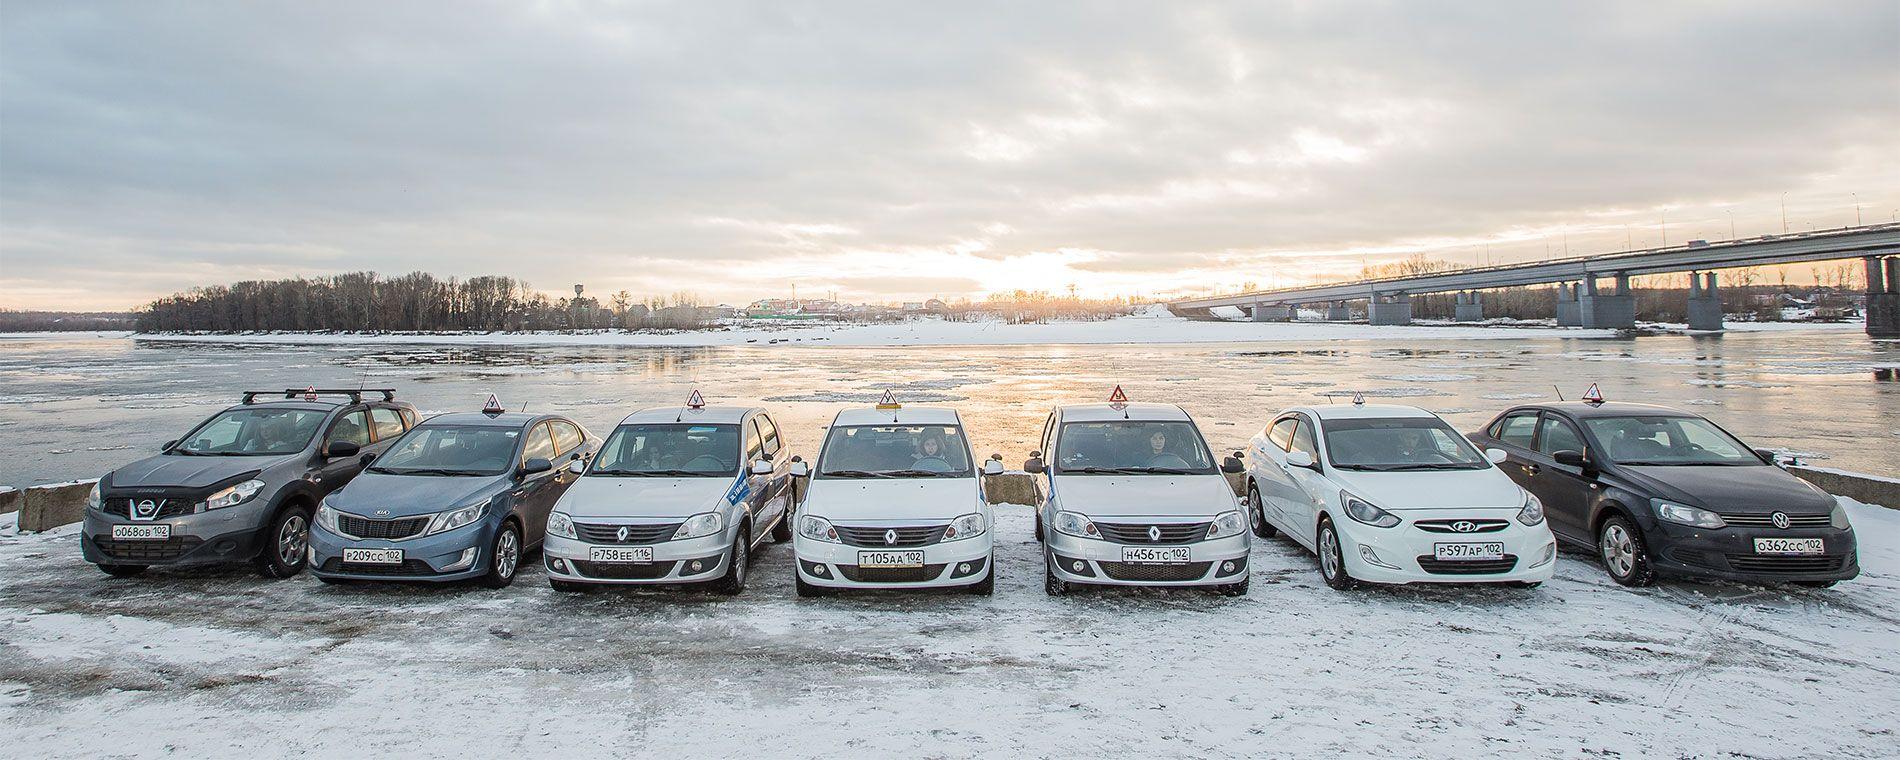 Лучшие официальные автошколы в городе Уфа в 2021 году